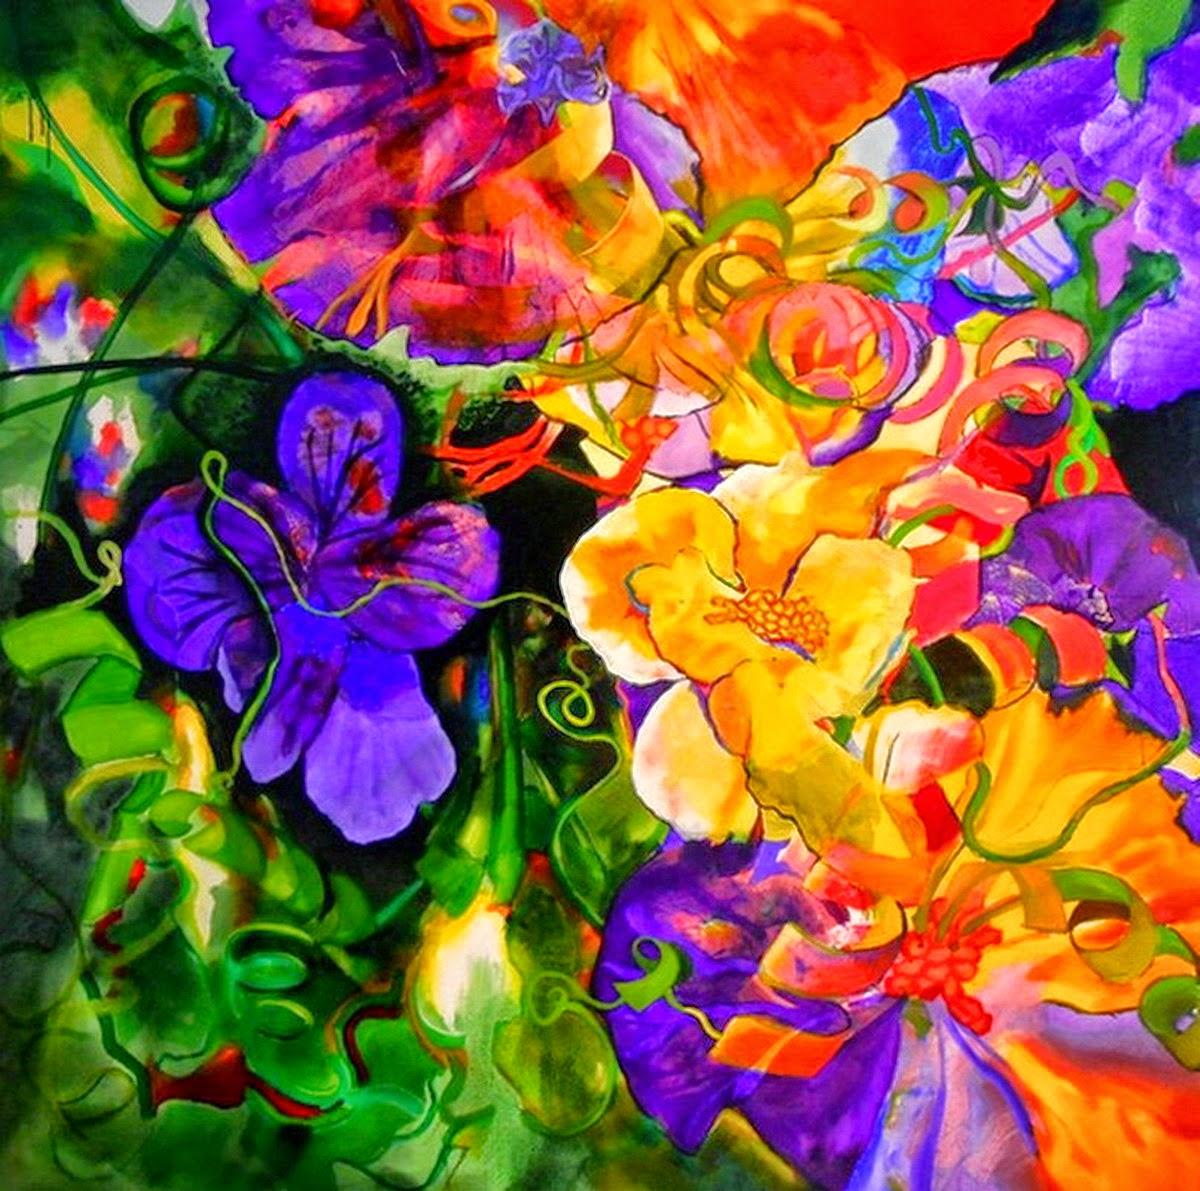 im genes arte pinturas flores de olores brillantes